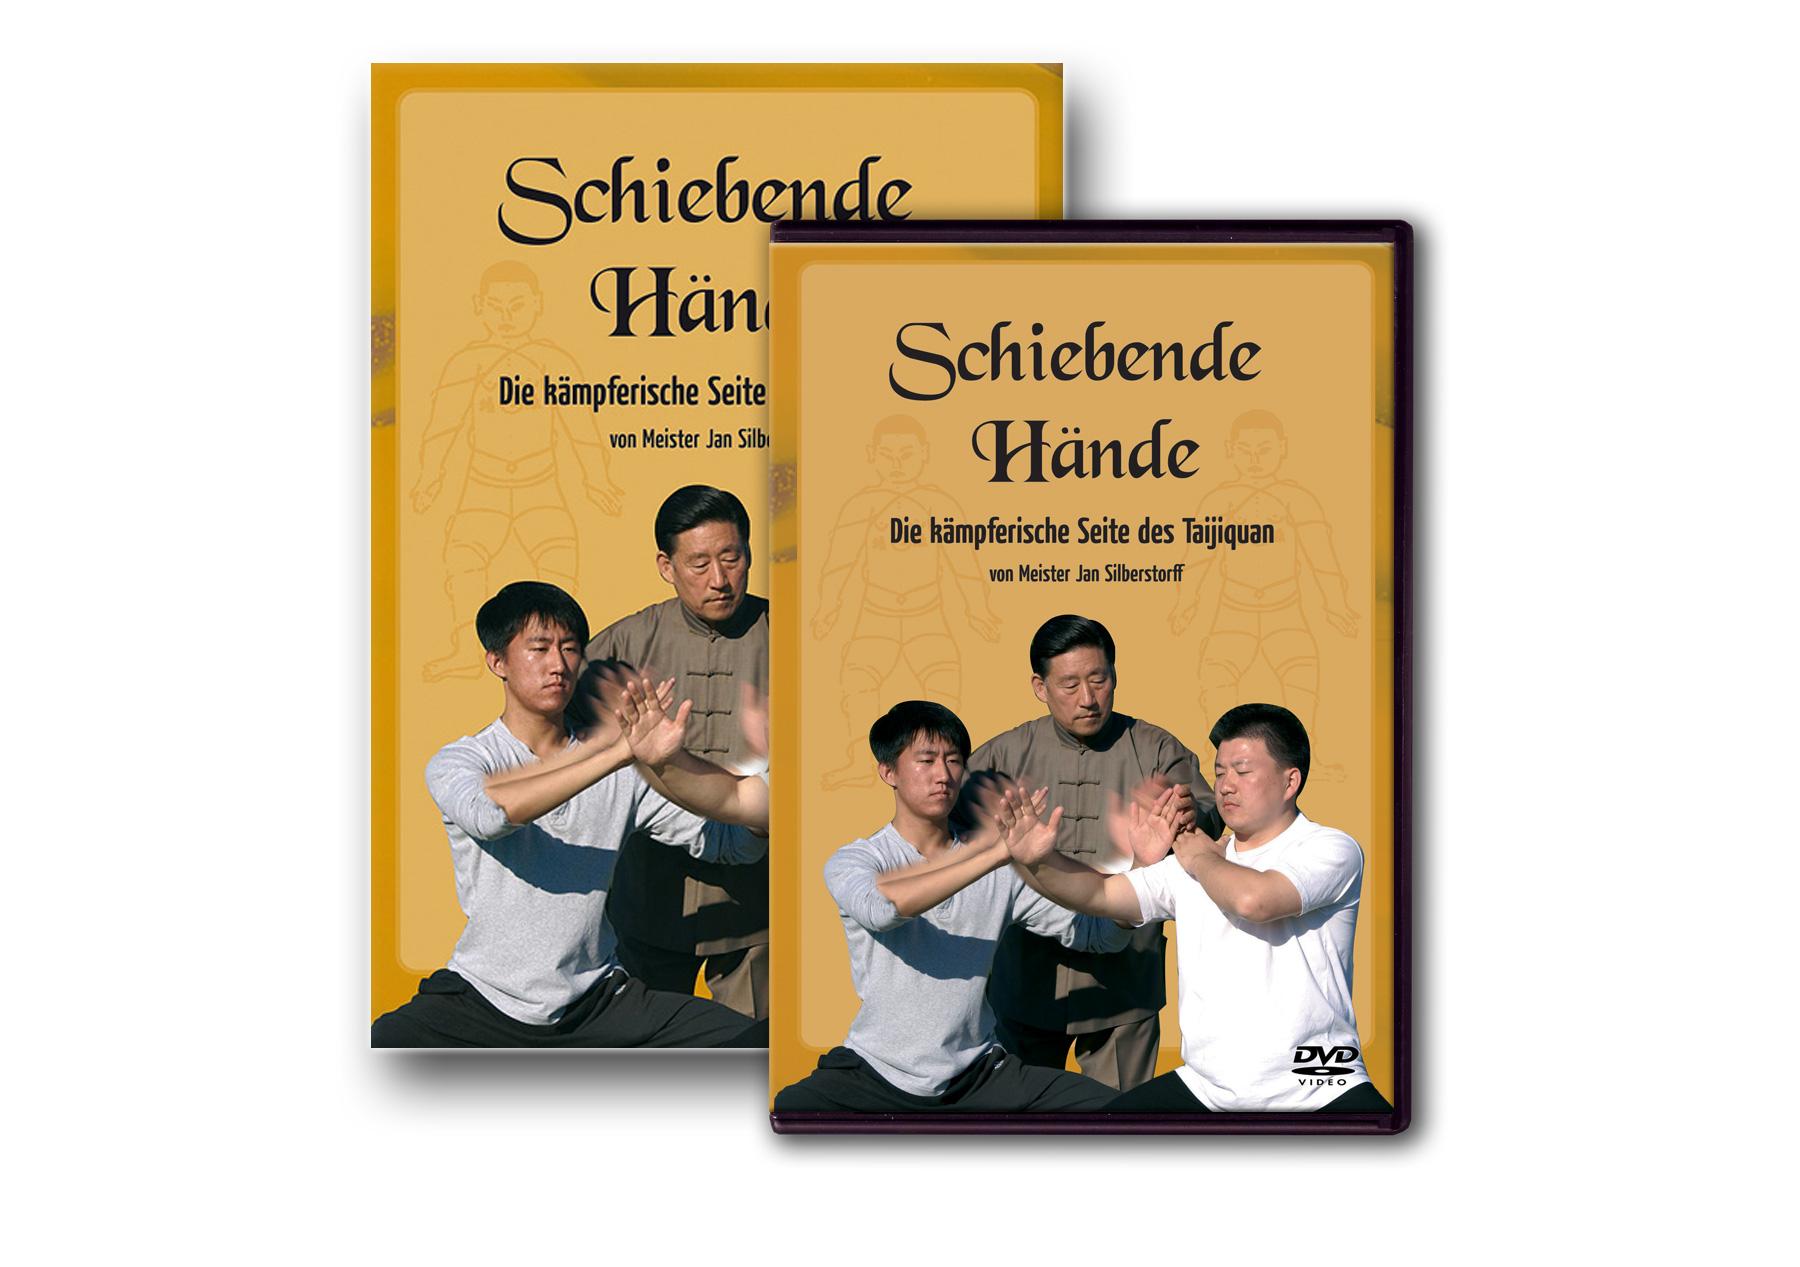 Schiebende Hände - Die kämpferische Seite des Taijiquan (Buch & DVD)